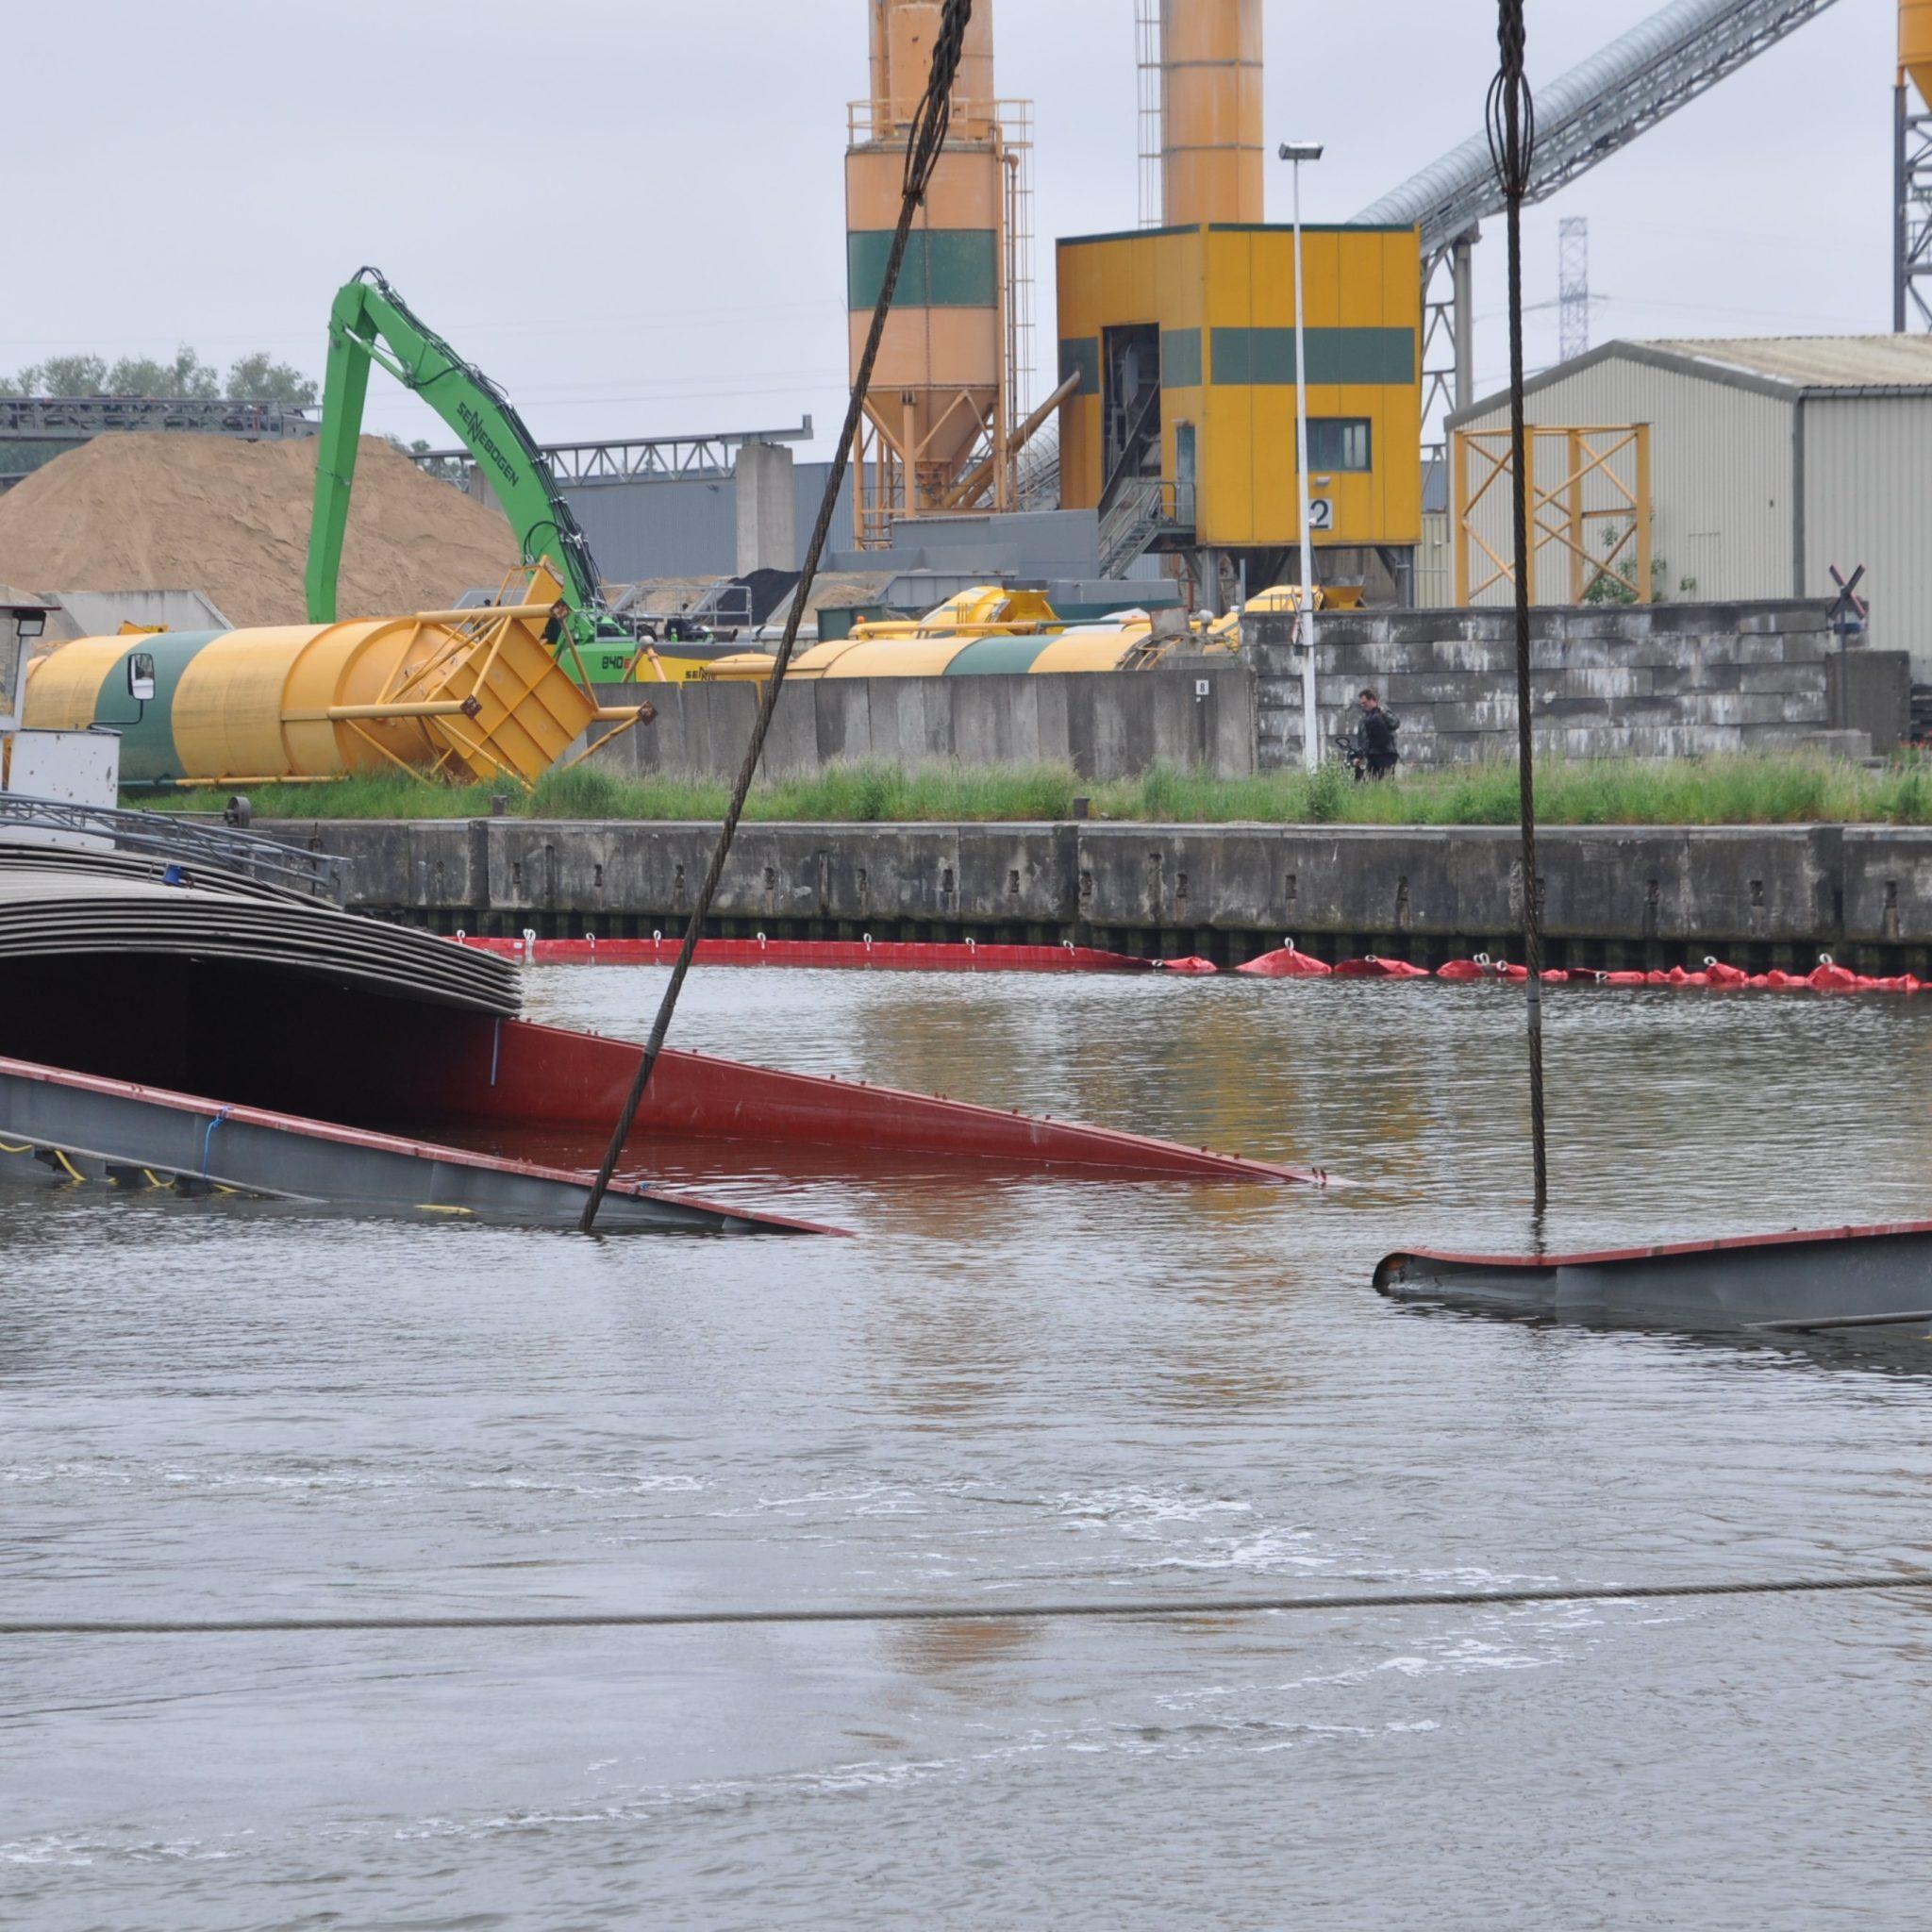 Binnenvaartschip Renske wordt geborgen bij de sluis van Evergem. (Foto Adri van de Wege)